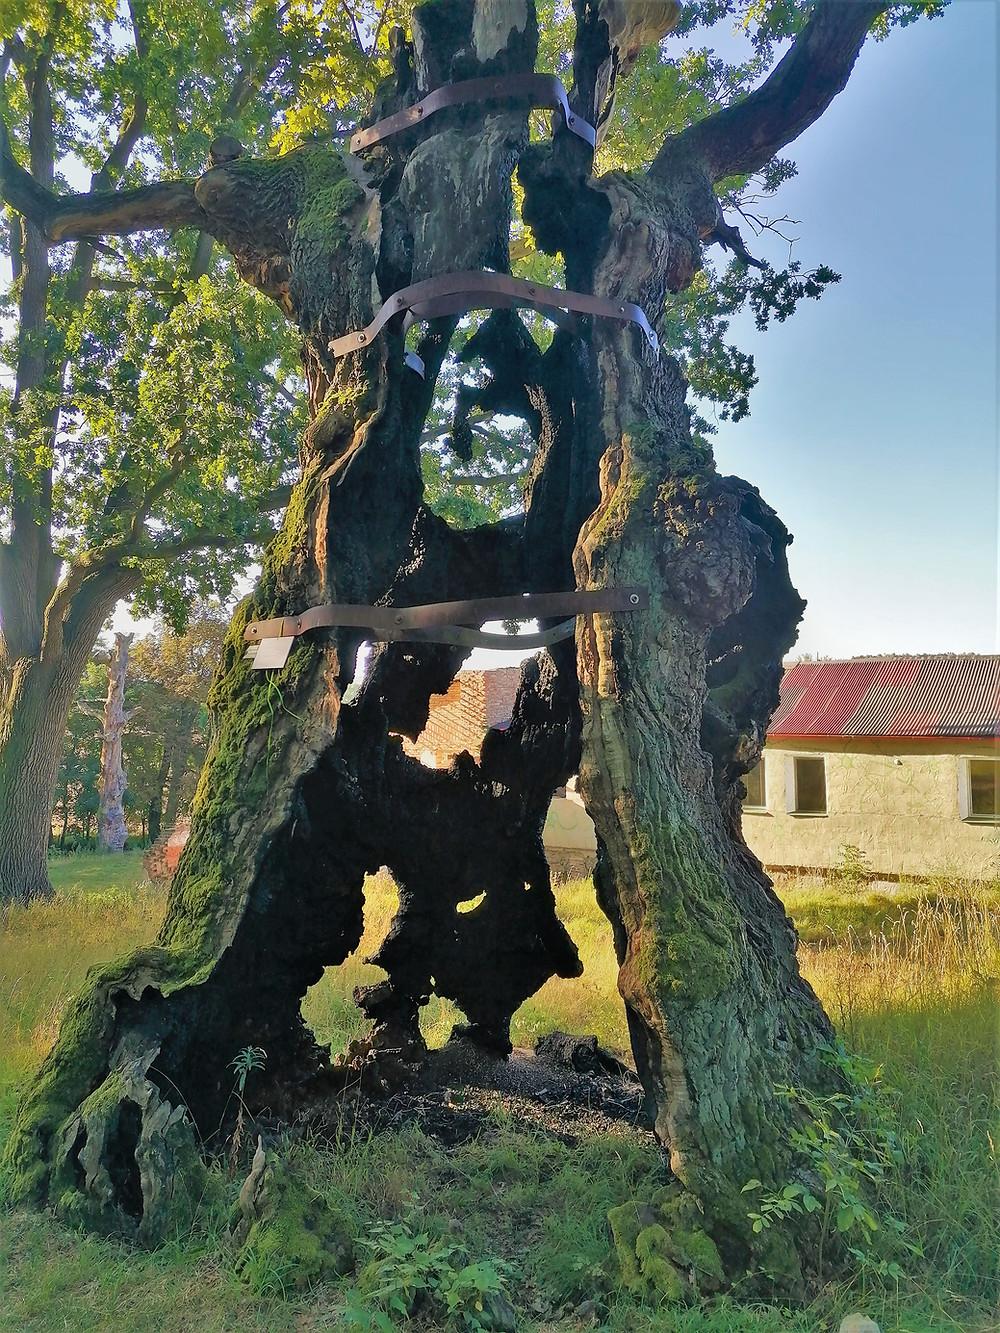 Největší z památných dubů ve Stroupečku má své dny už sečteny